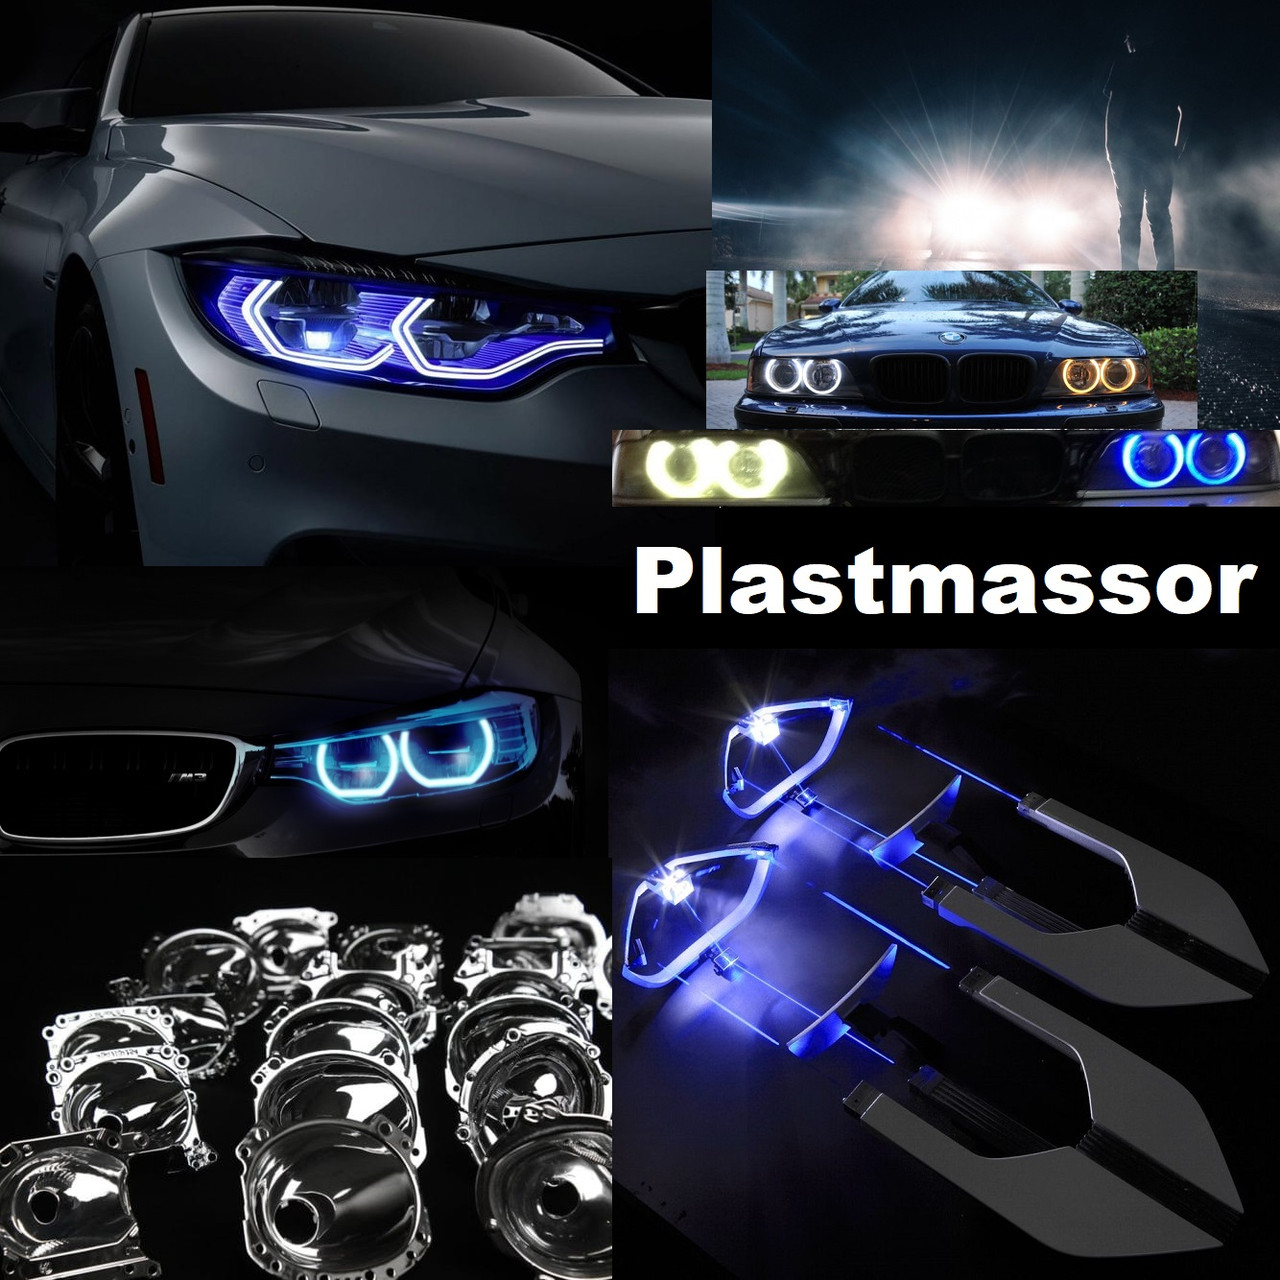 Ремонт Plastmassor вакуумная металлизация восстановление отражателей фар Mercedes-Benz